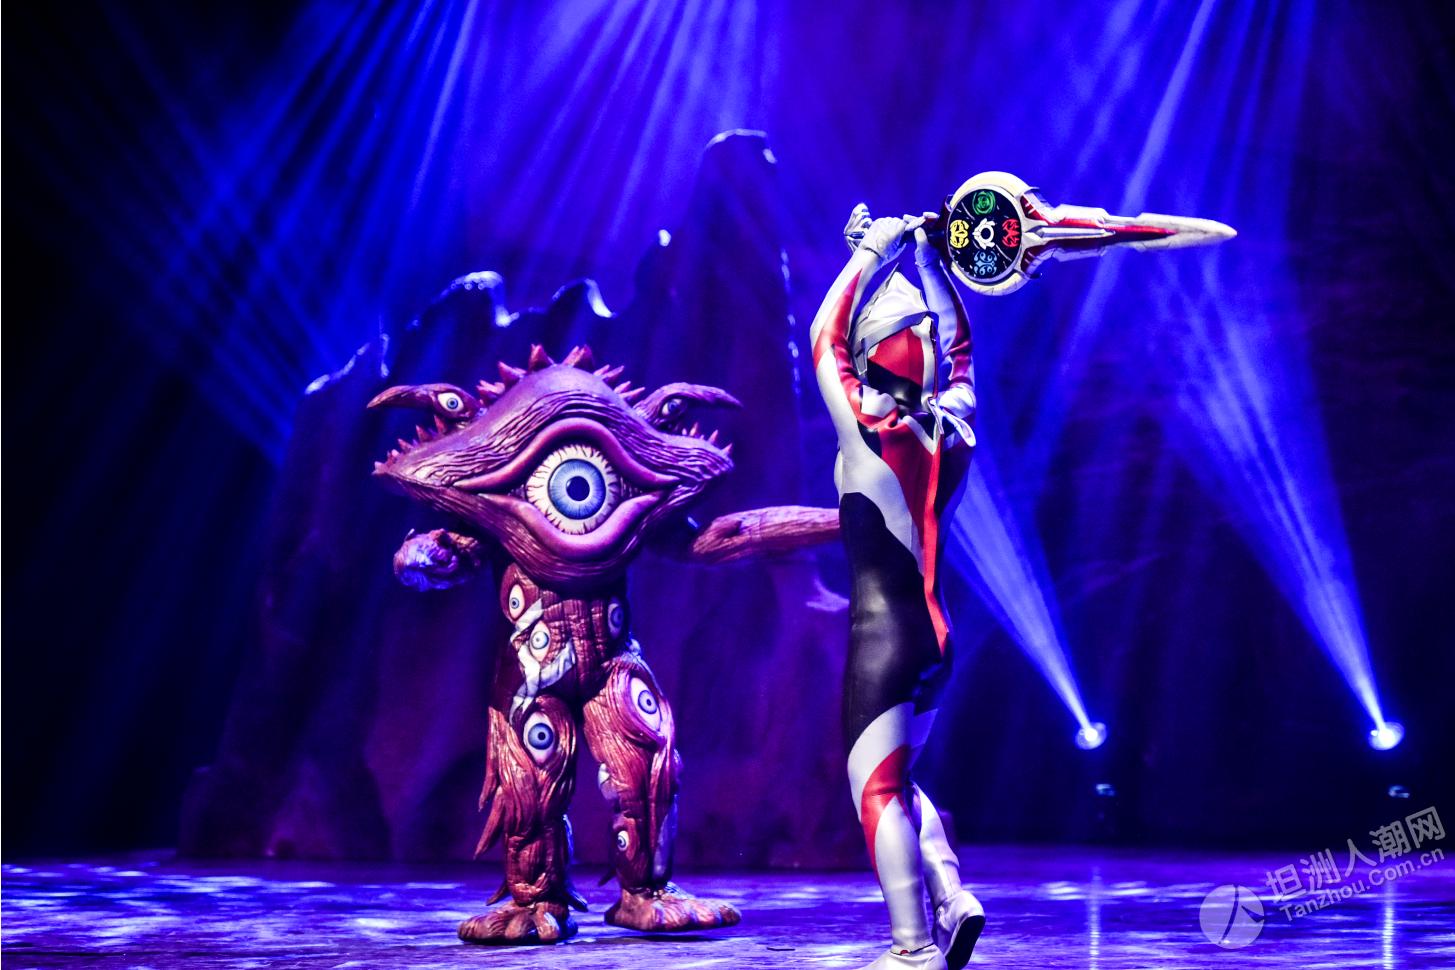 珠海即将有奥特曼舞台剧上演(2021.3.20)